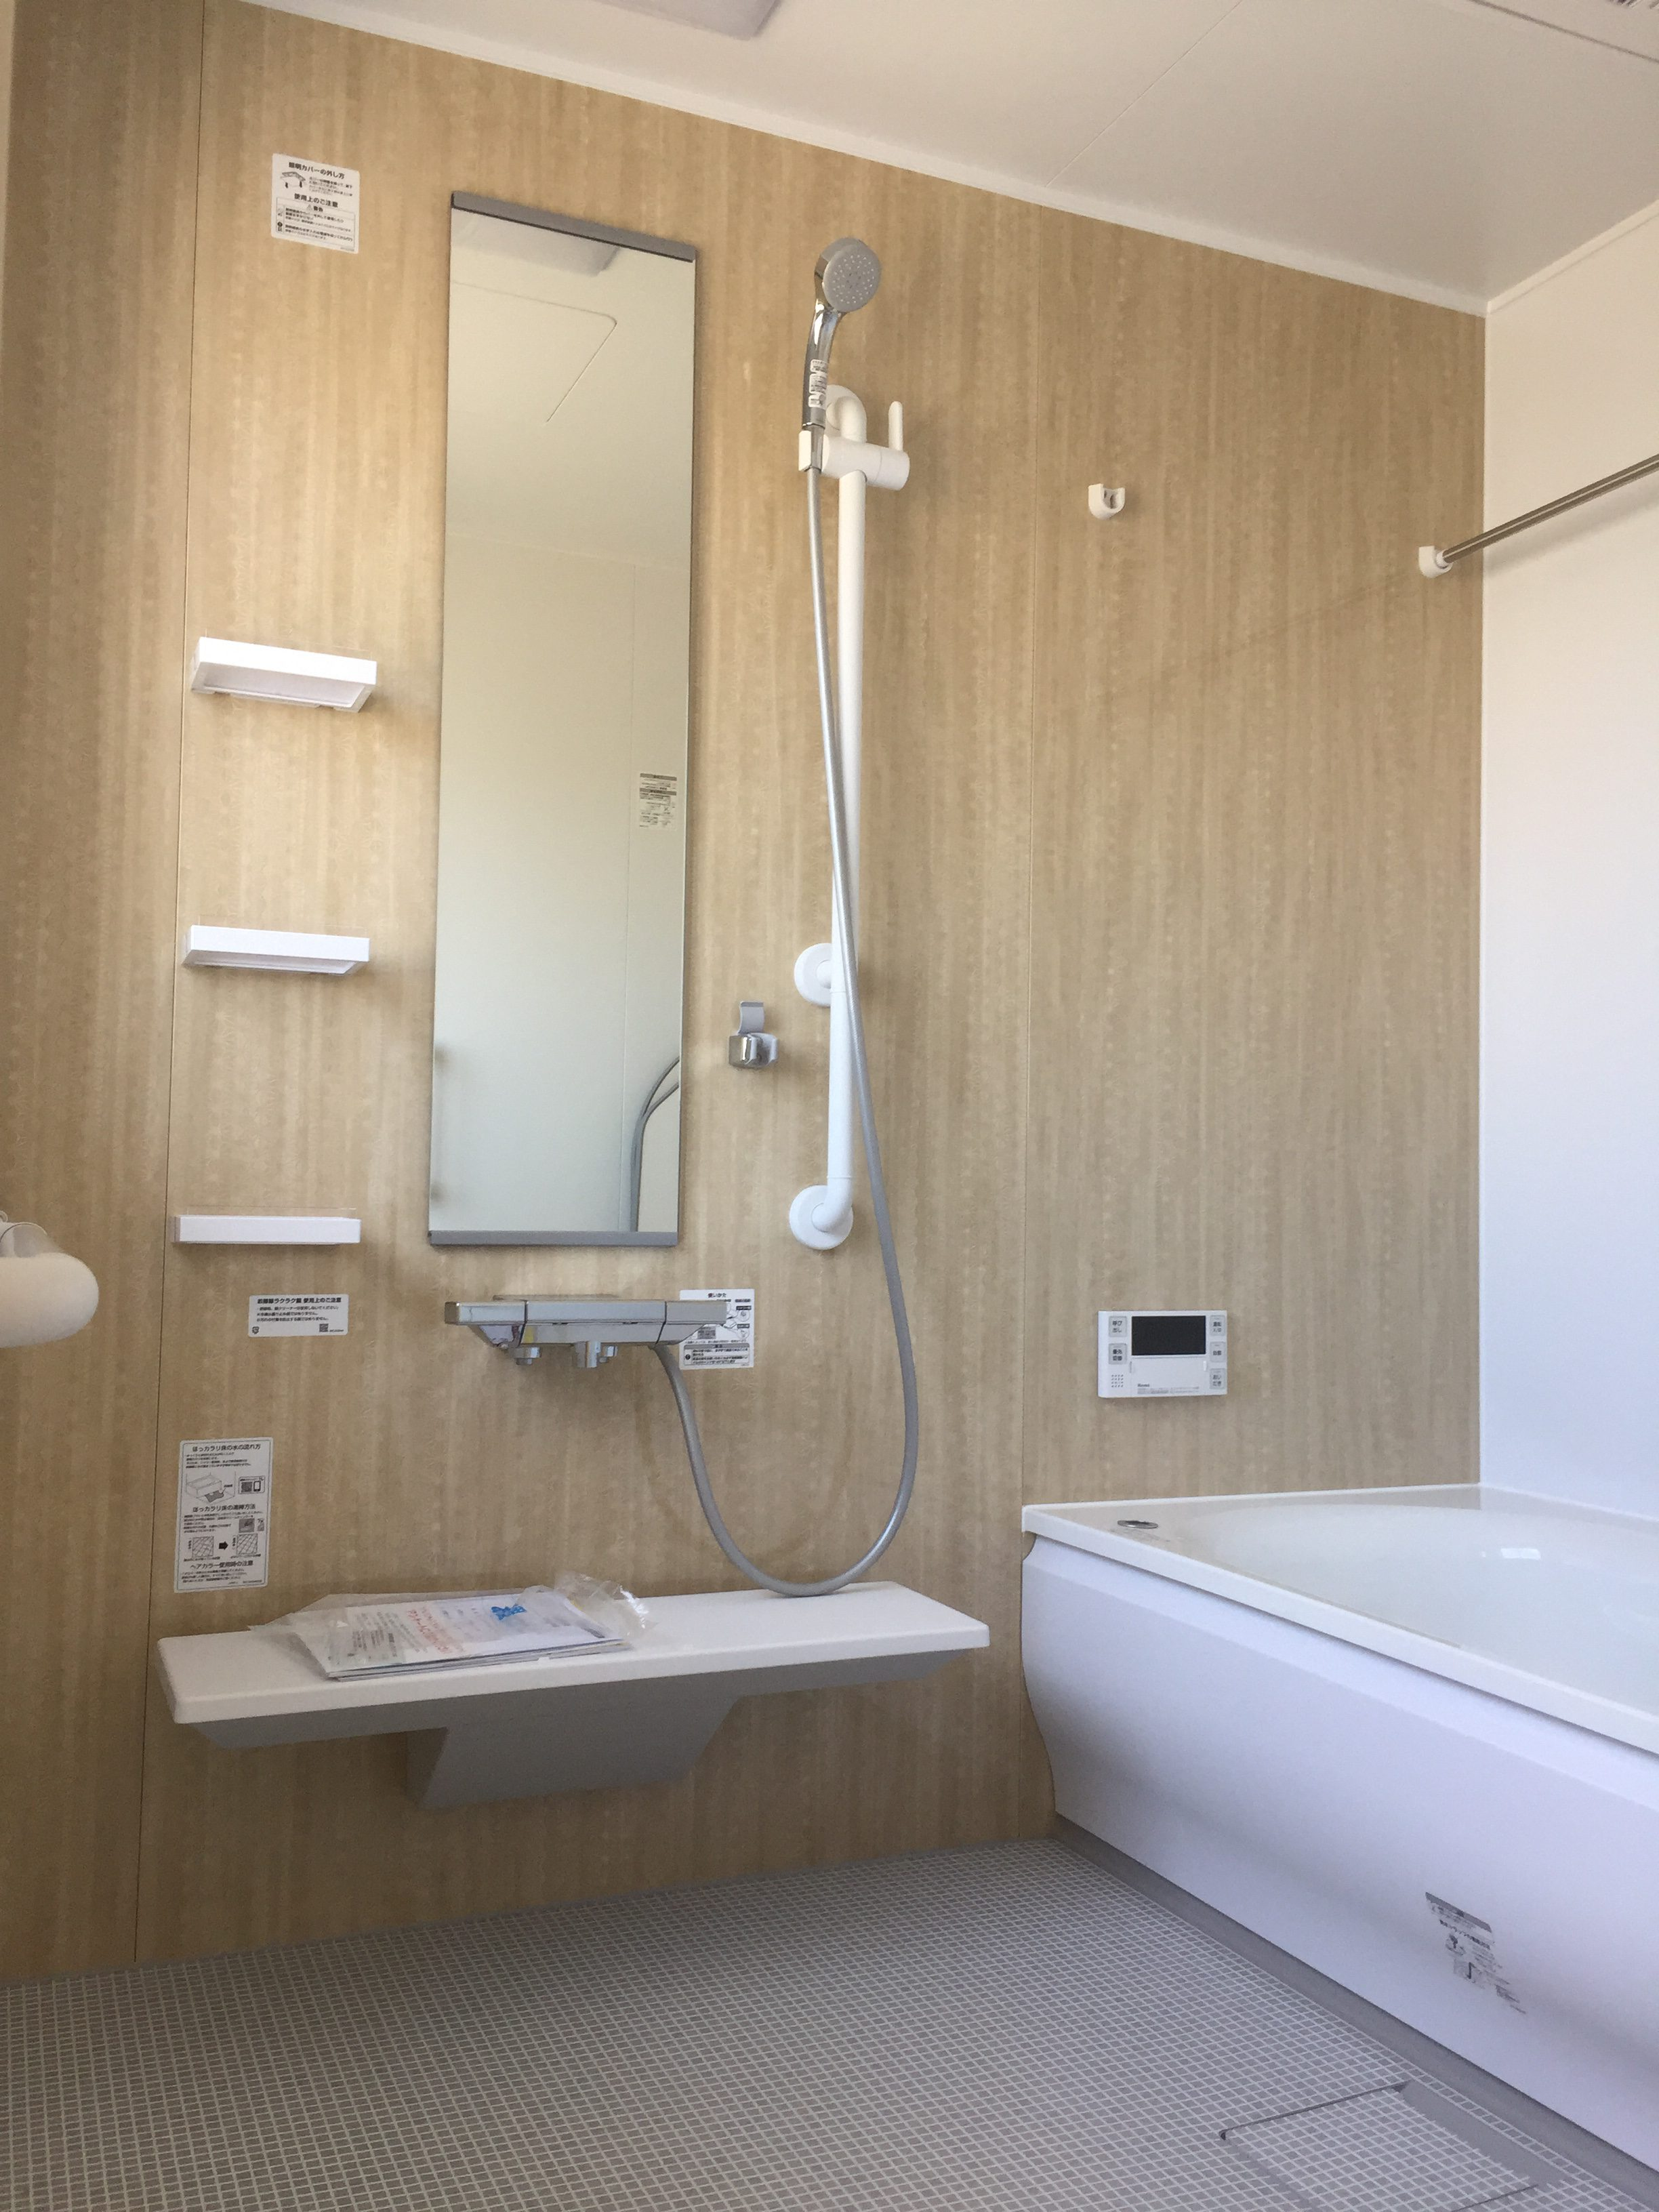 西条市でバリアフリー住宅の浴室写真